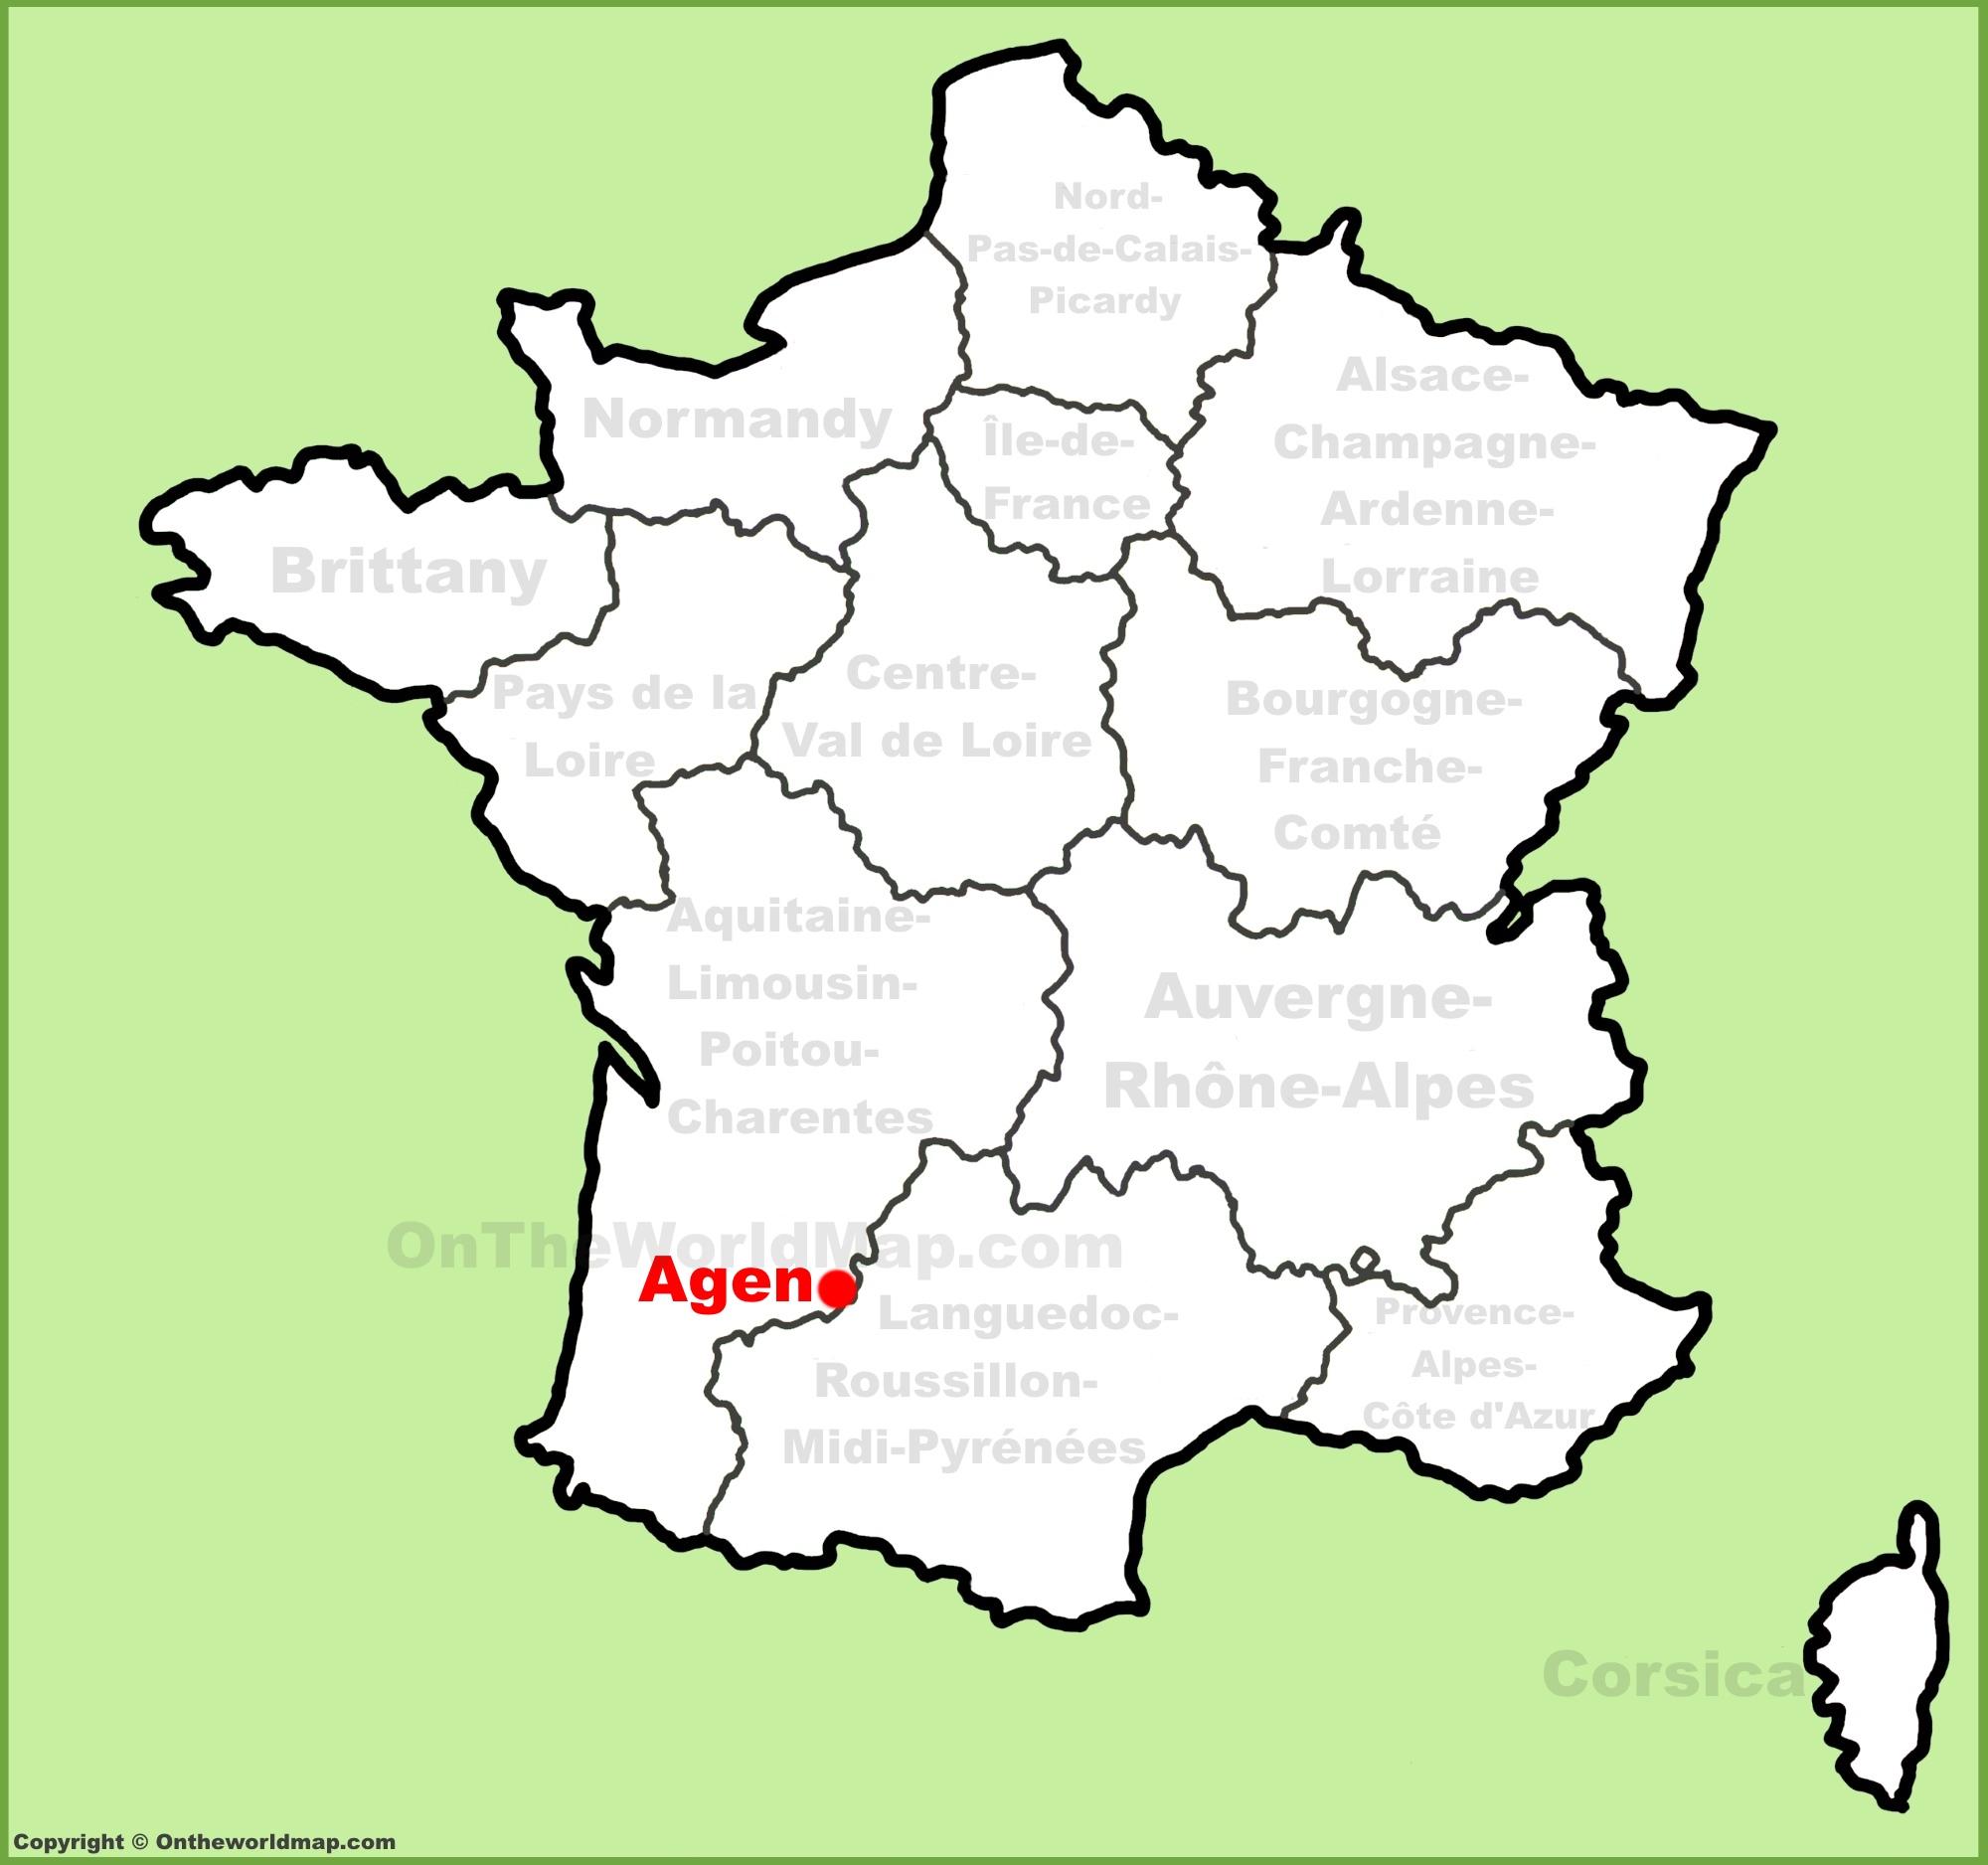 Agen Maps France Maps of Agen